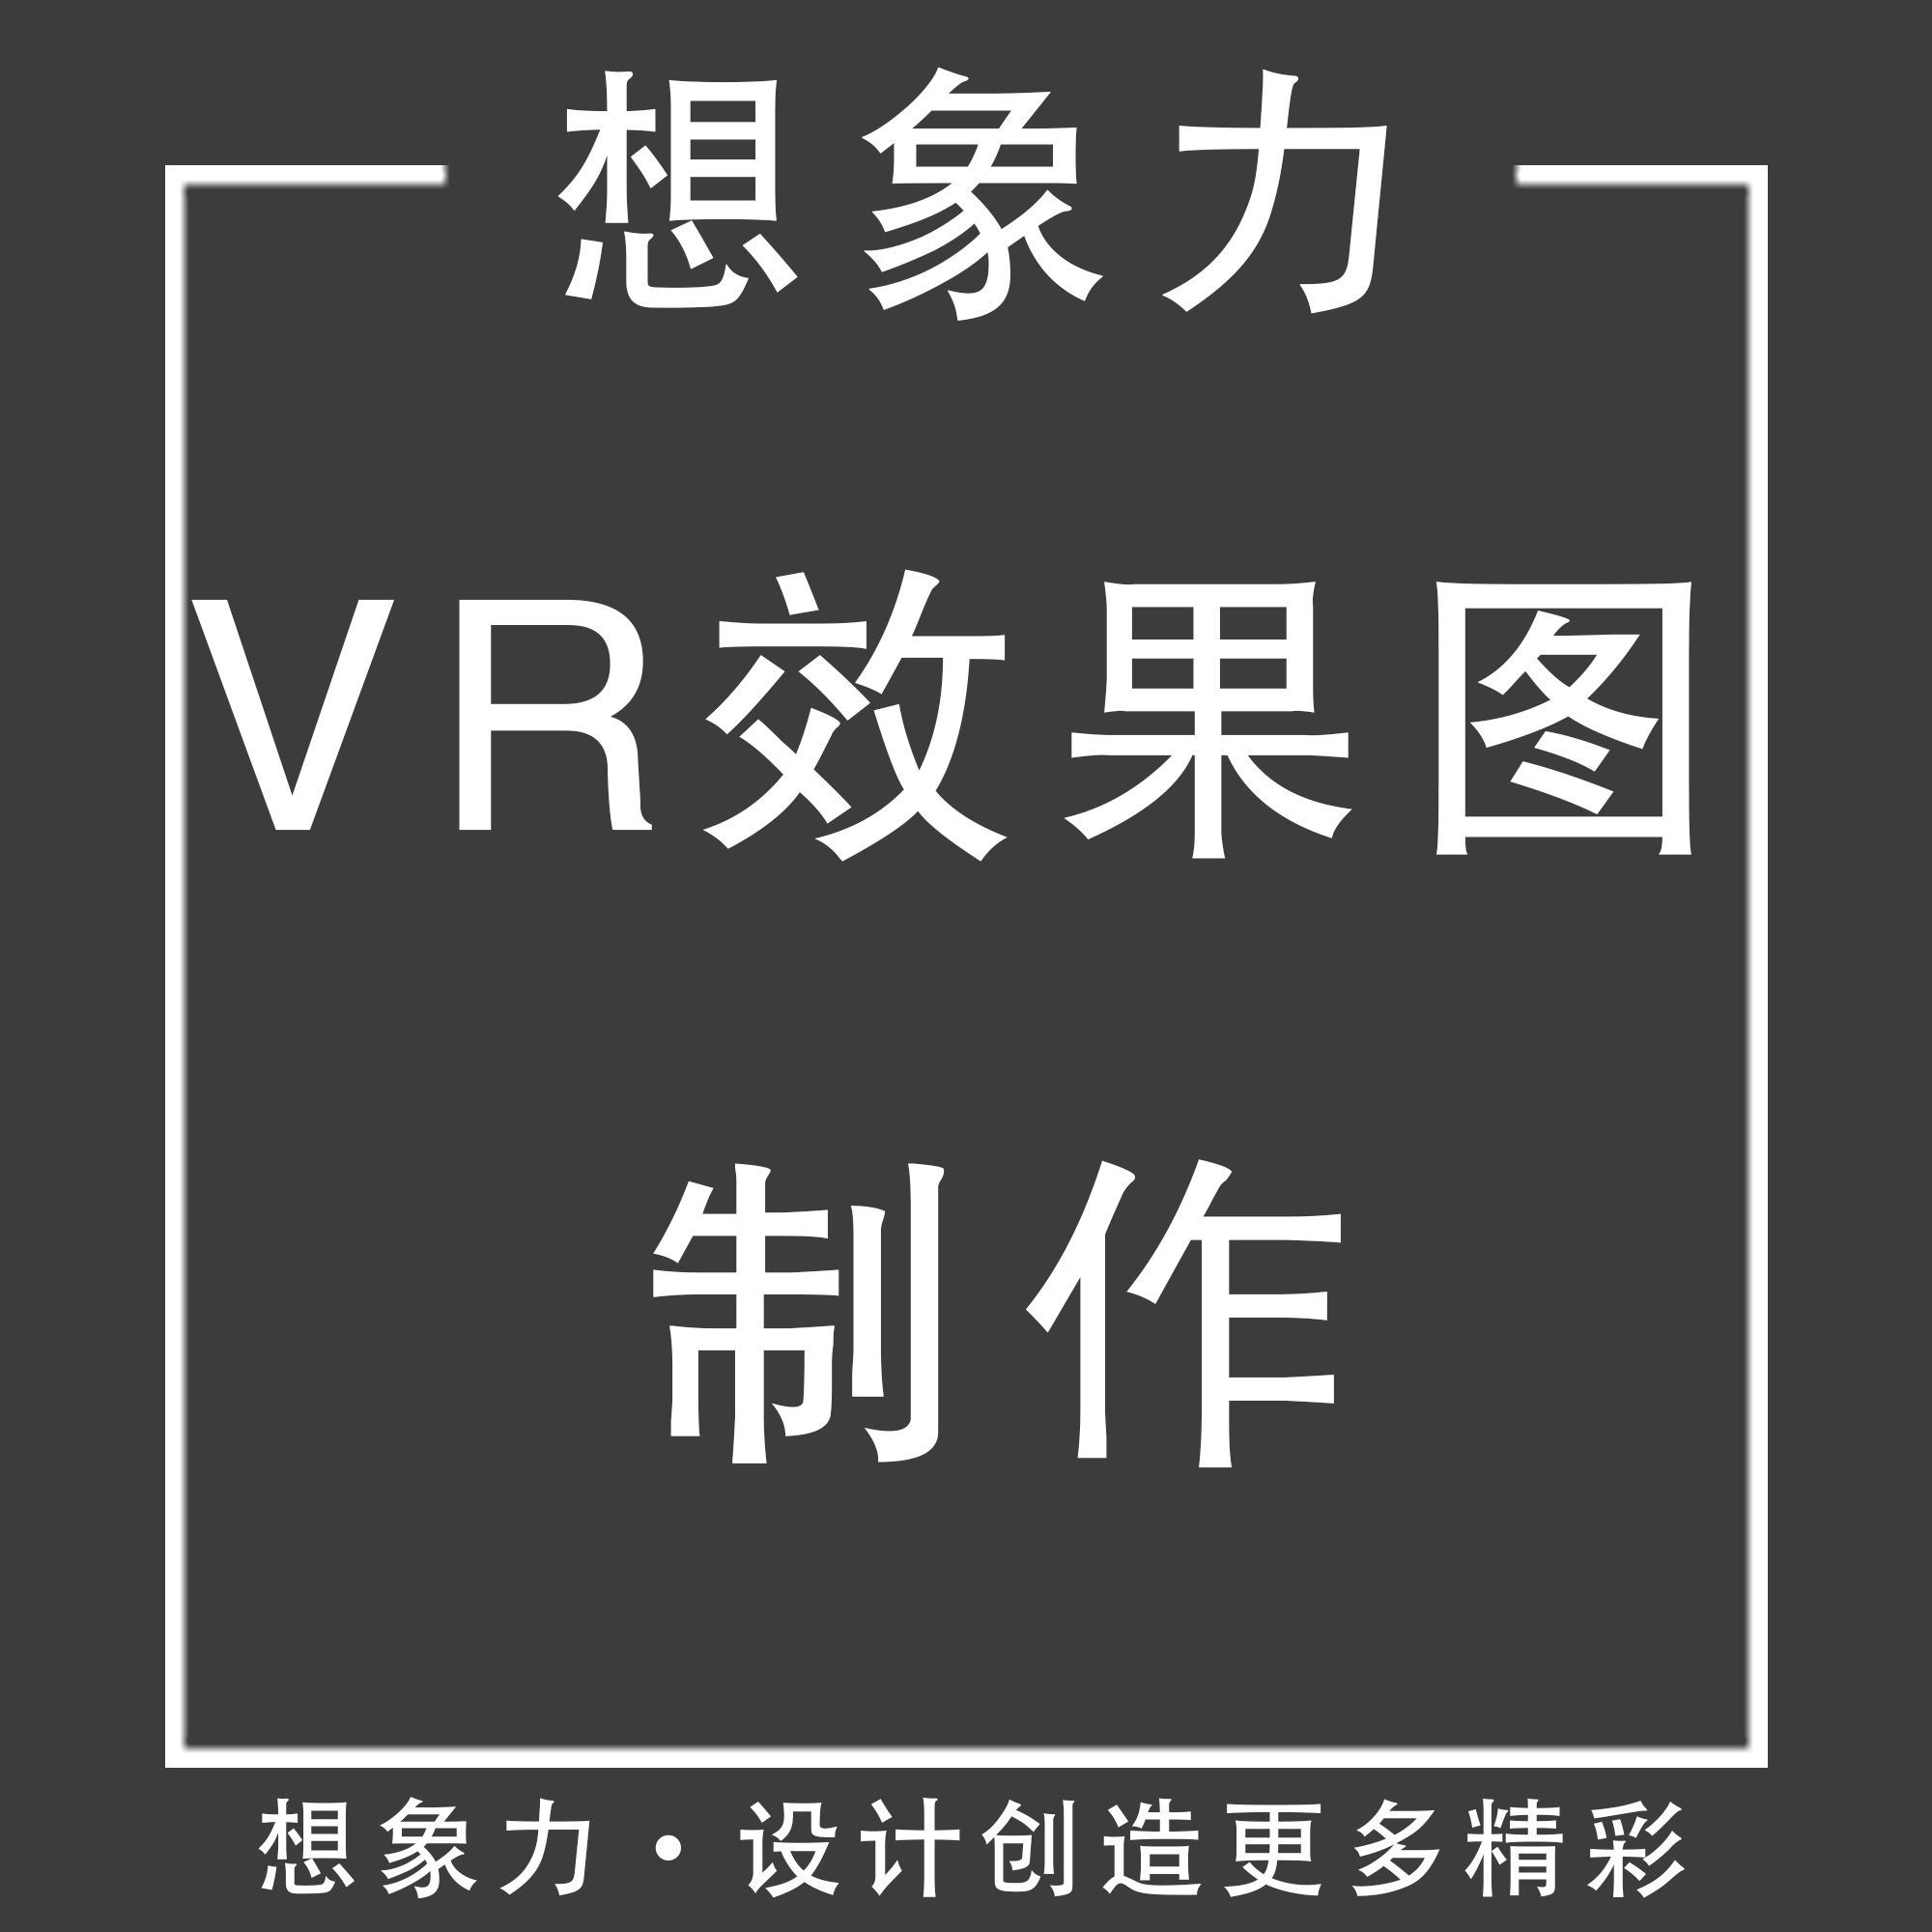 公装服务/VR720全景设计/1个场景